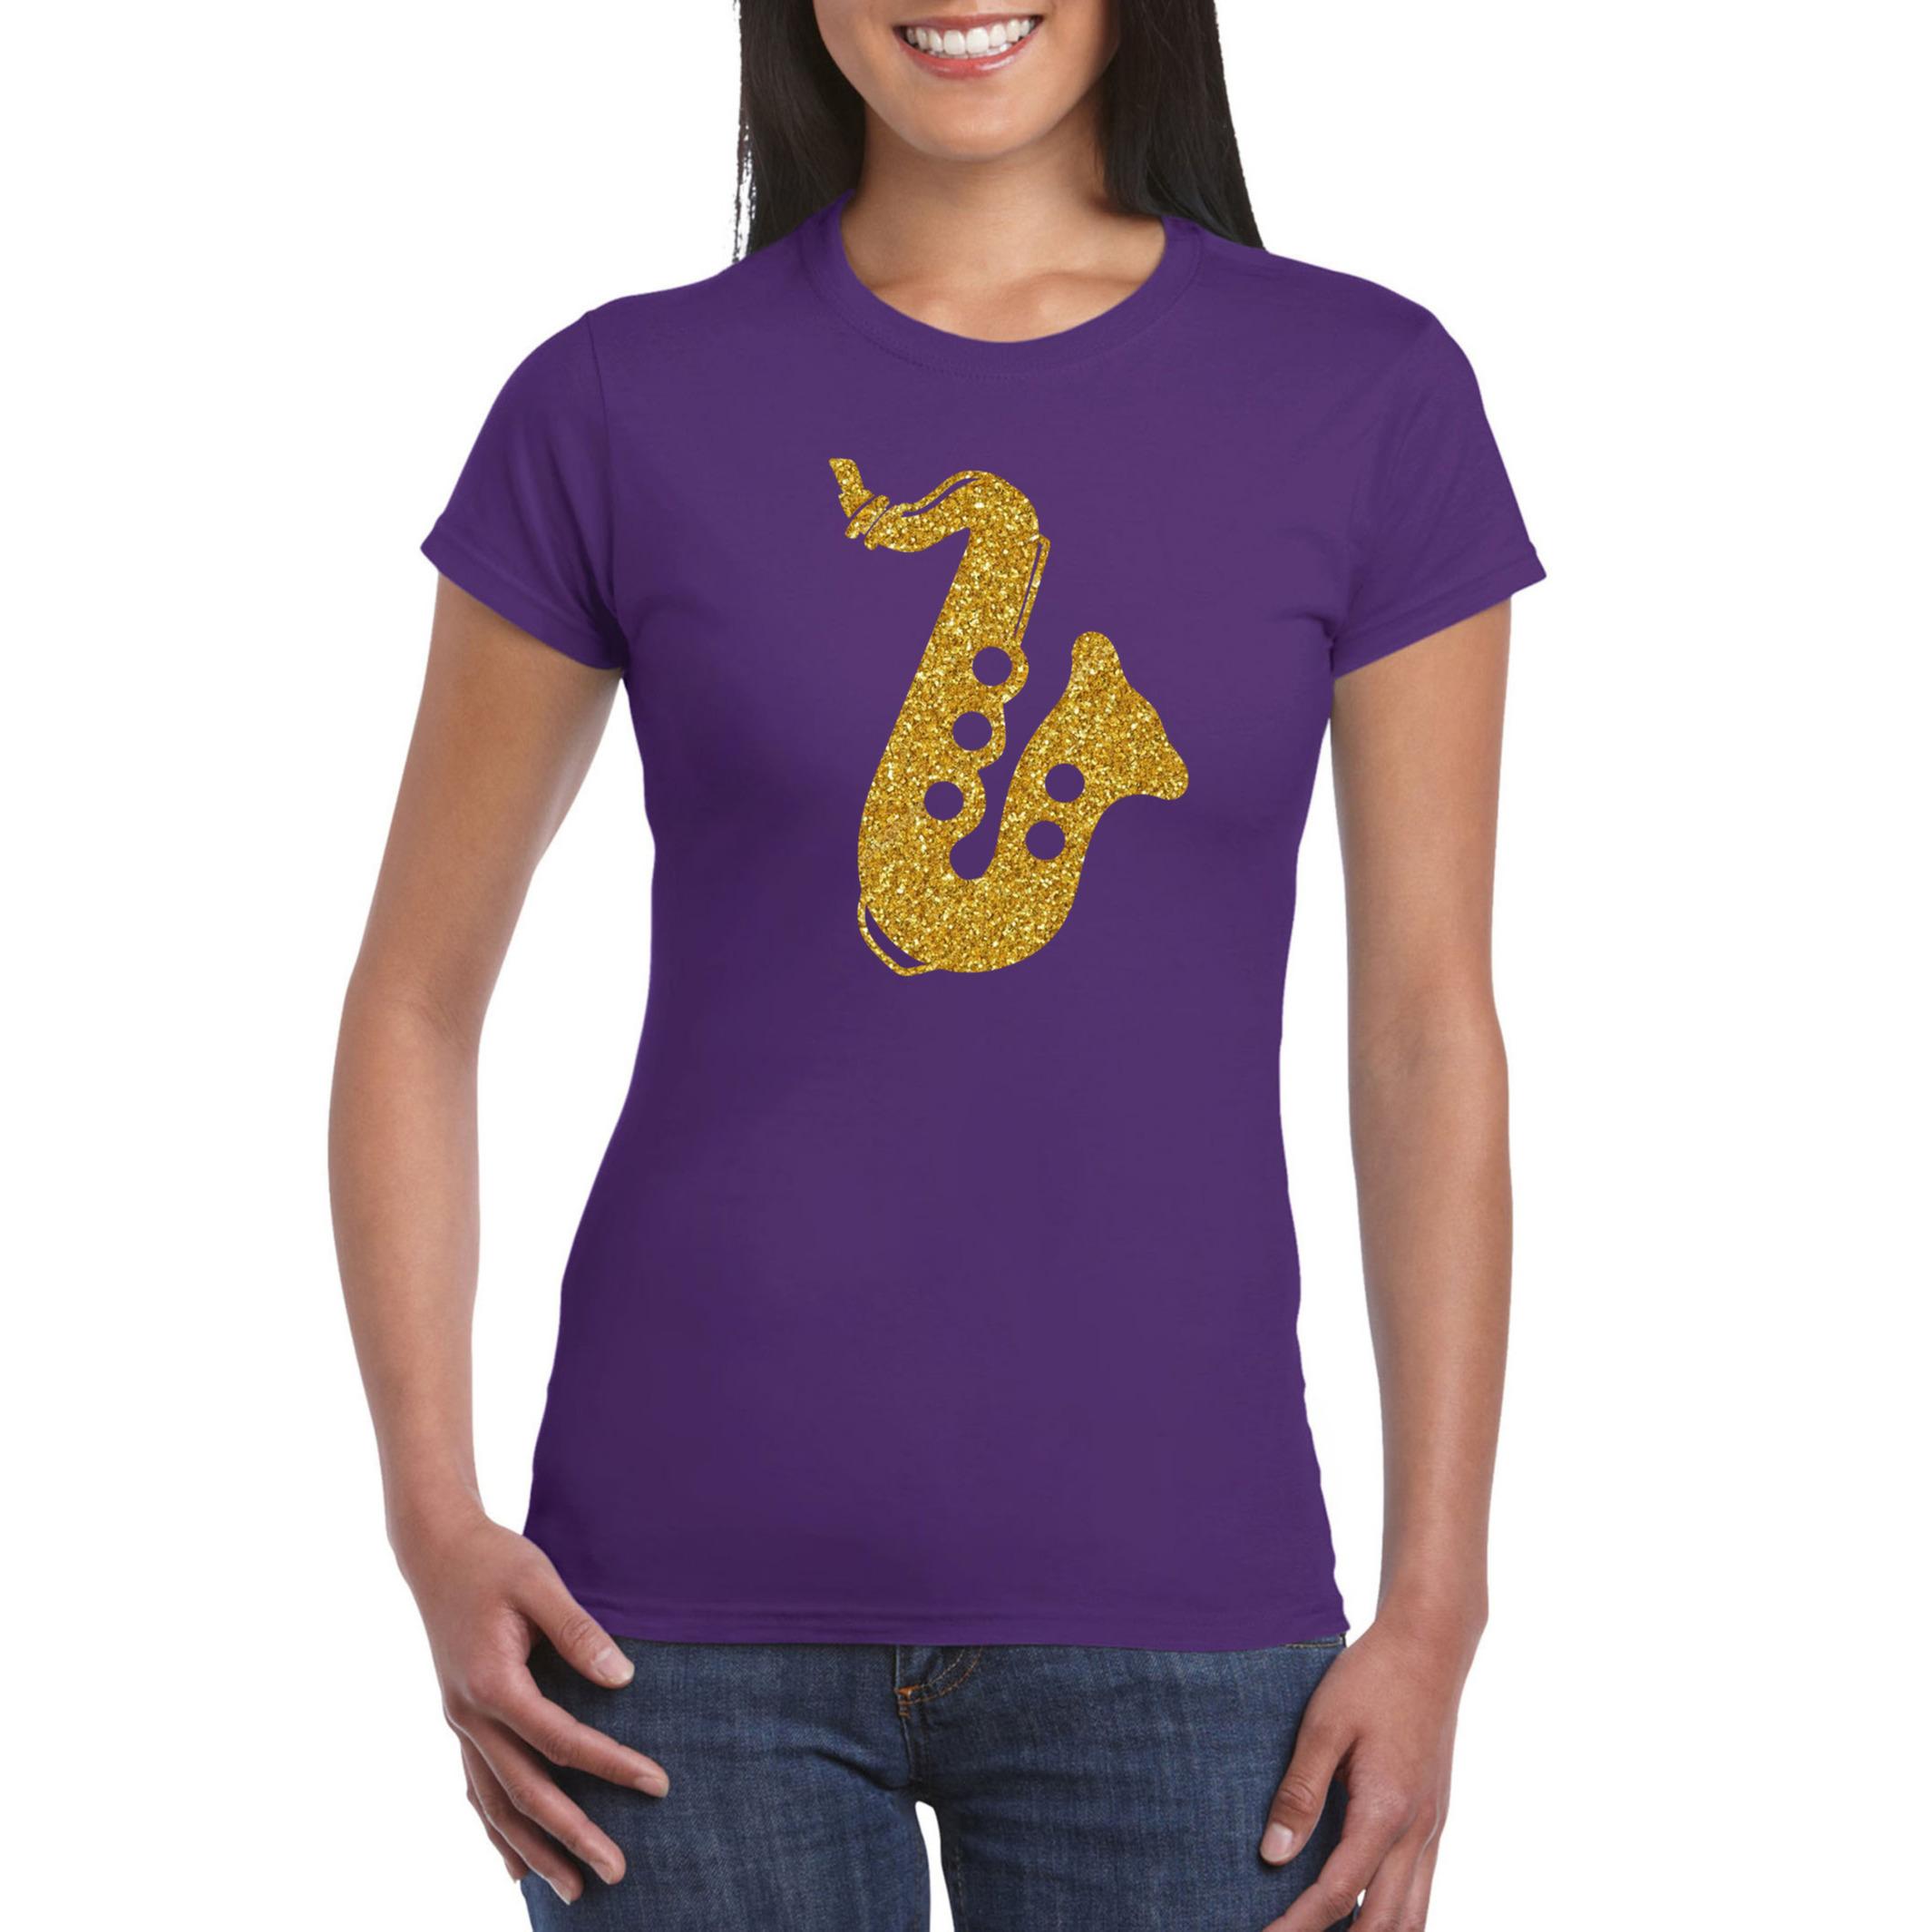 Gouden saxofoon - muziek t-shirt - kleding paars dames